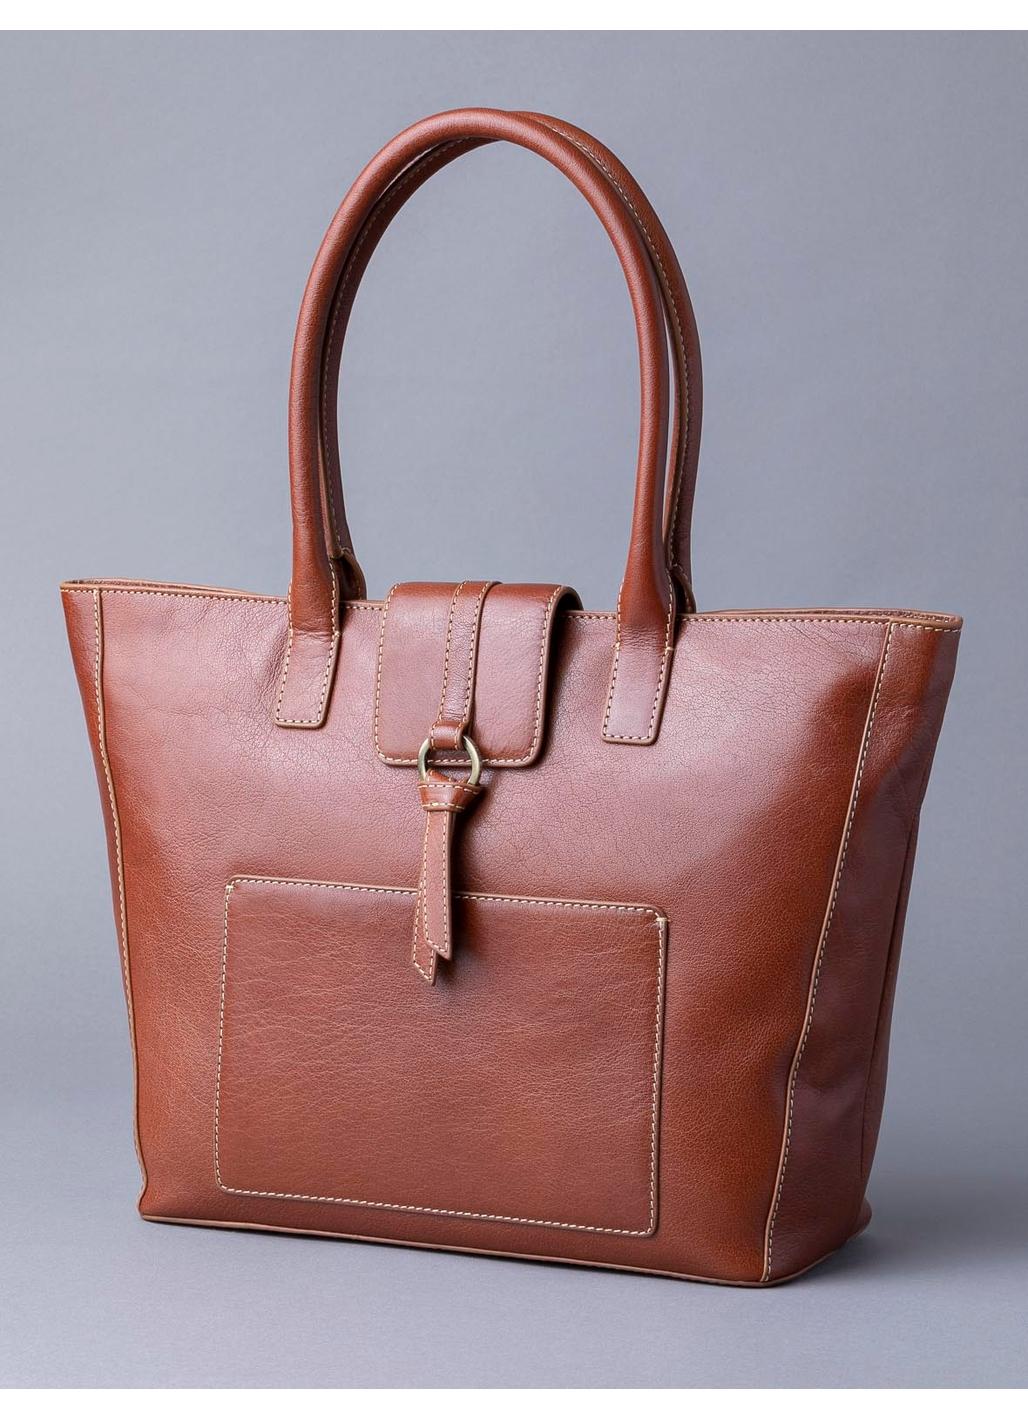 Birthwaite Leather Shopper in Cognac